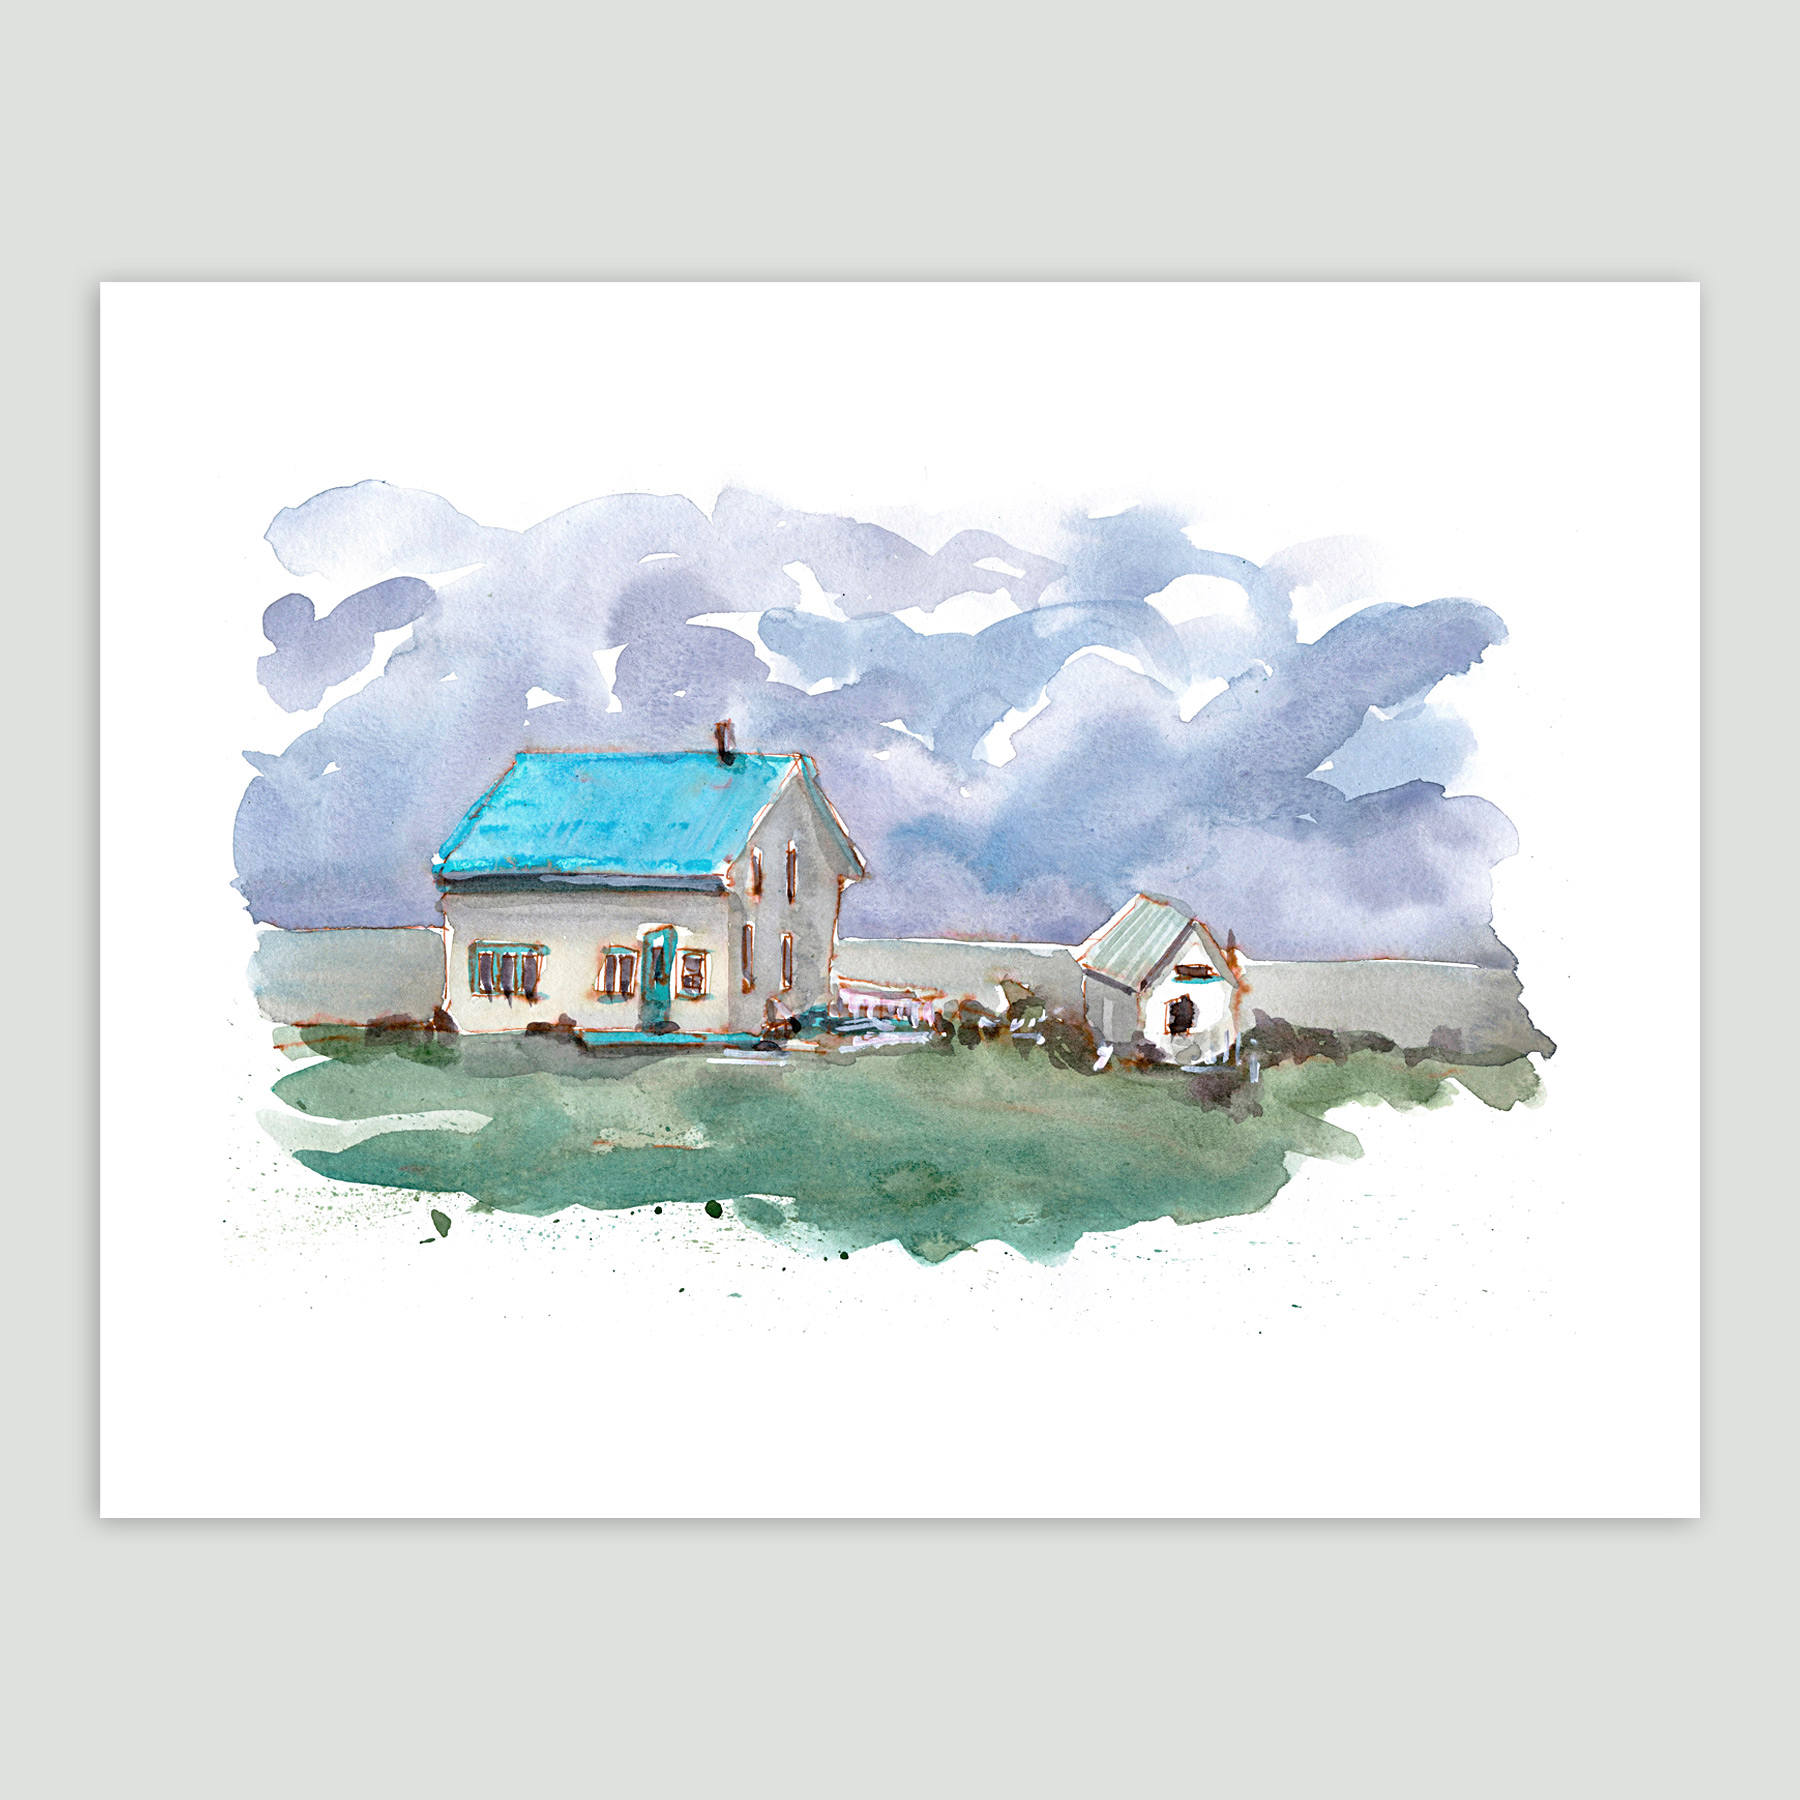 Aquarelle d'une maison côtière, peinte par Paintedstoriesco